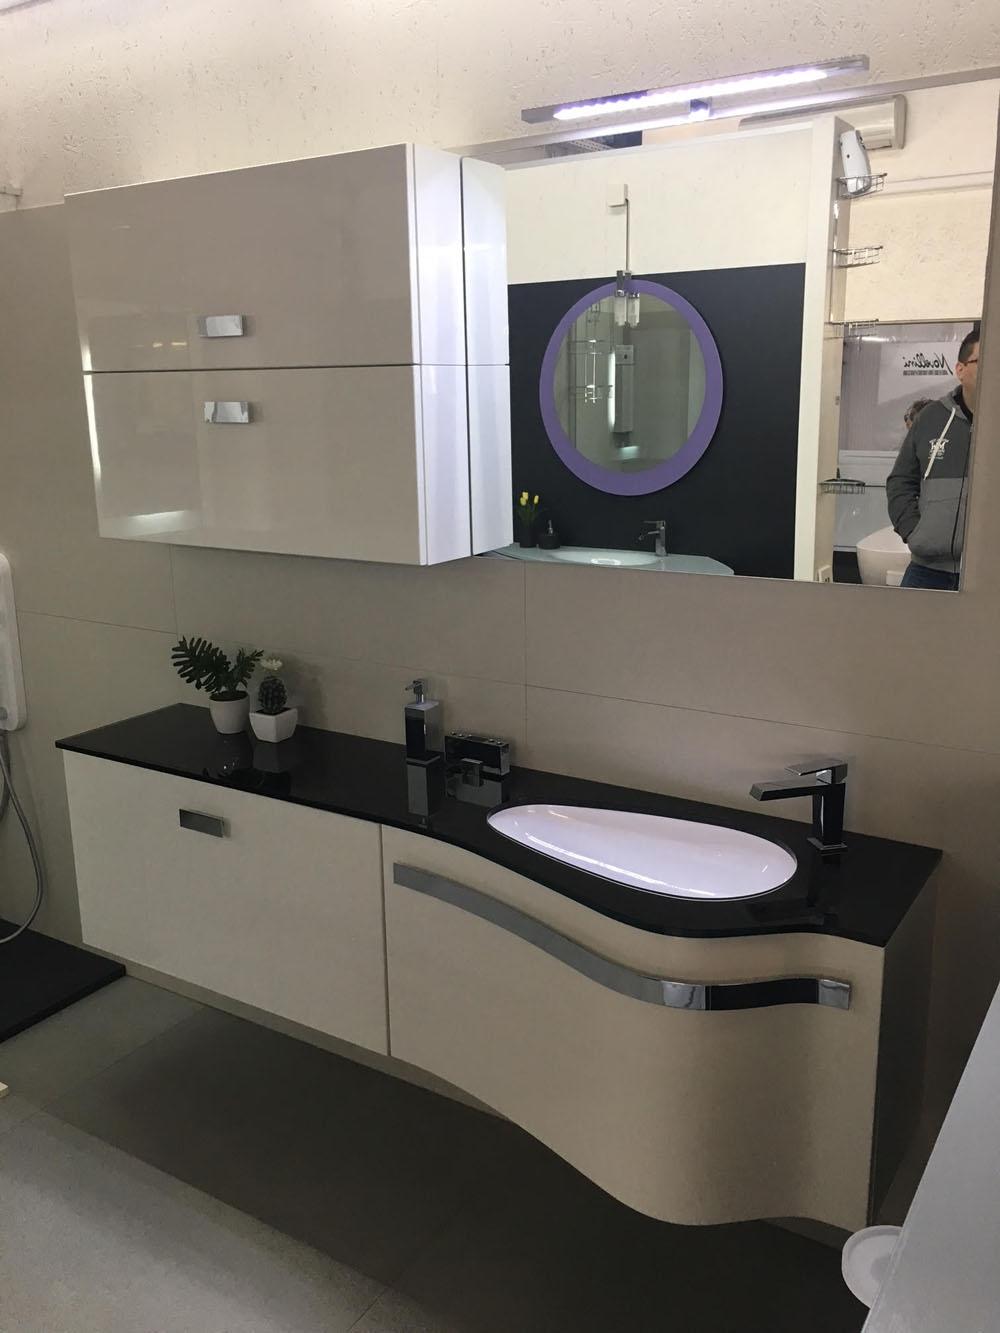 Mobile bagno design Arteba curvo scontato del 51% - Arredo bagno a prezzi scontati